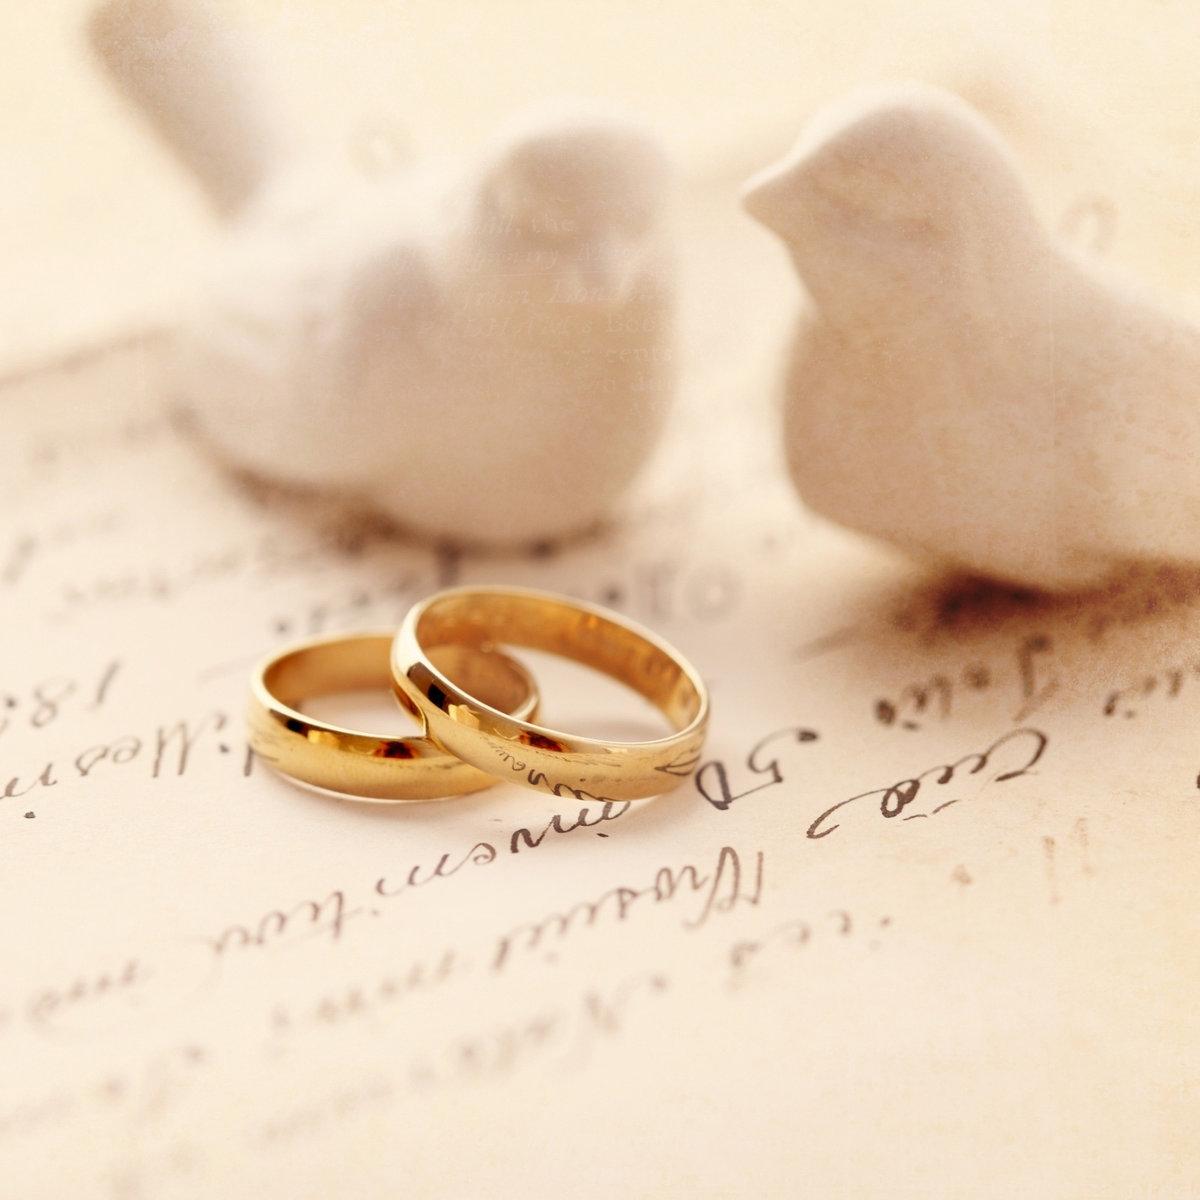 Поздравление жену с годовщиной свадьбы 1 год